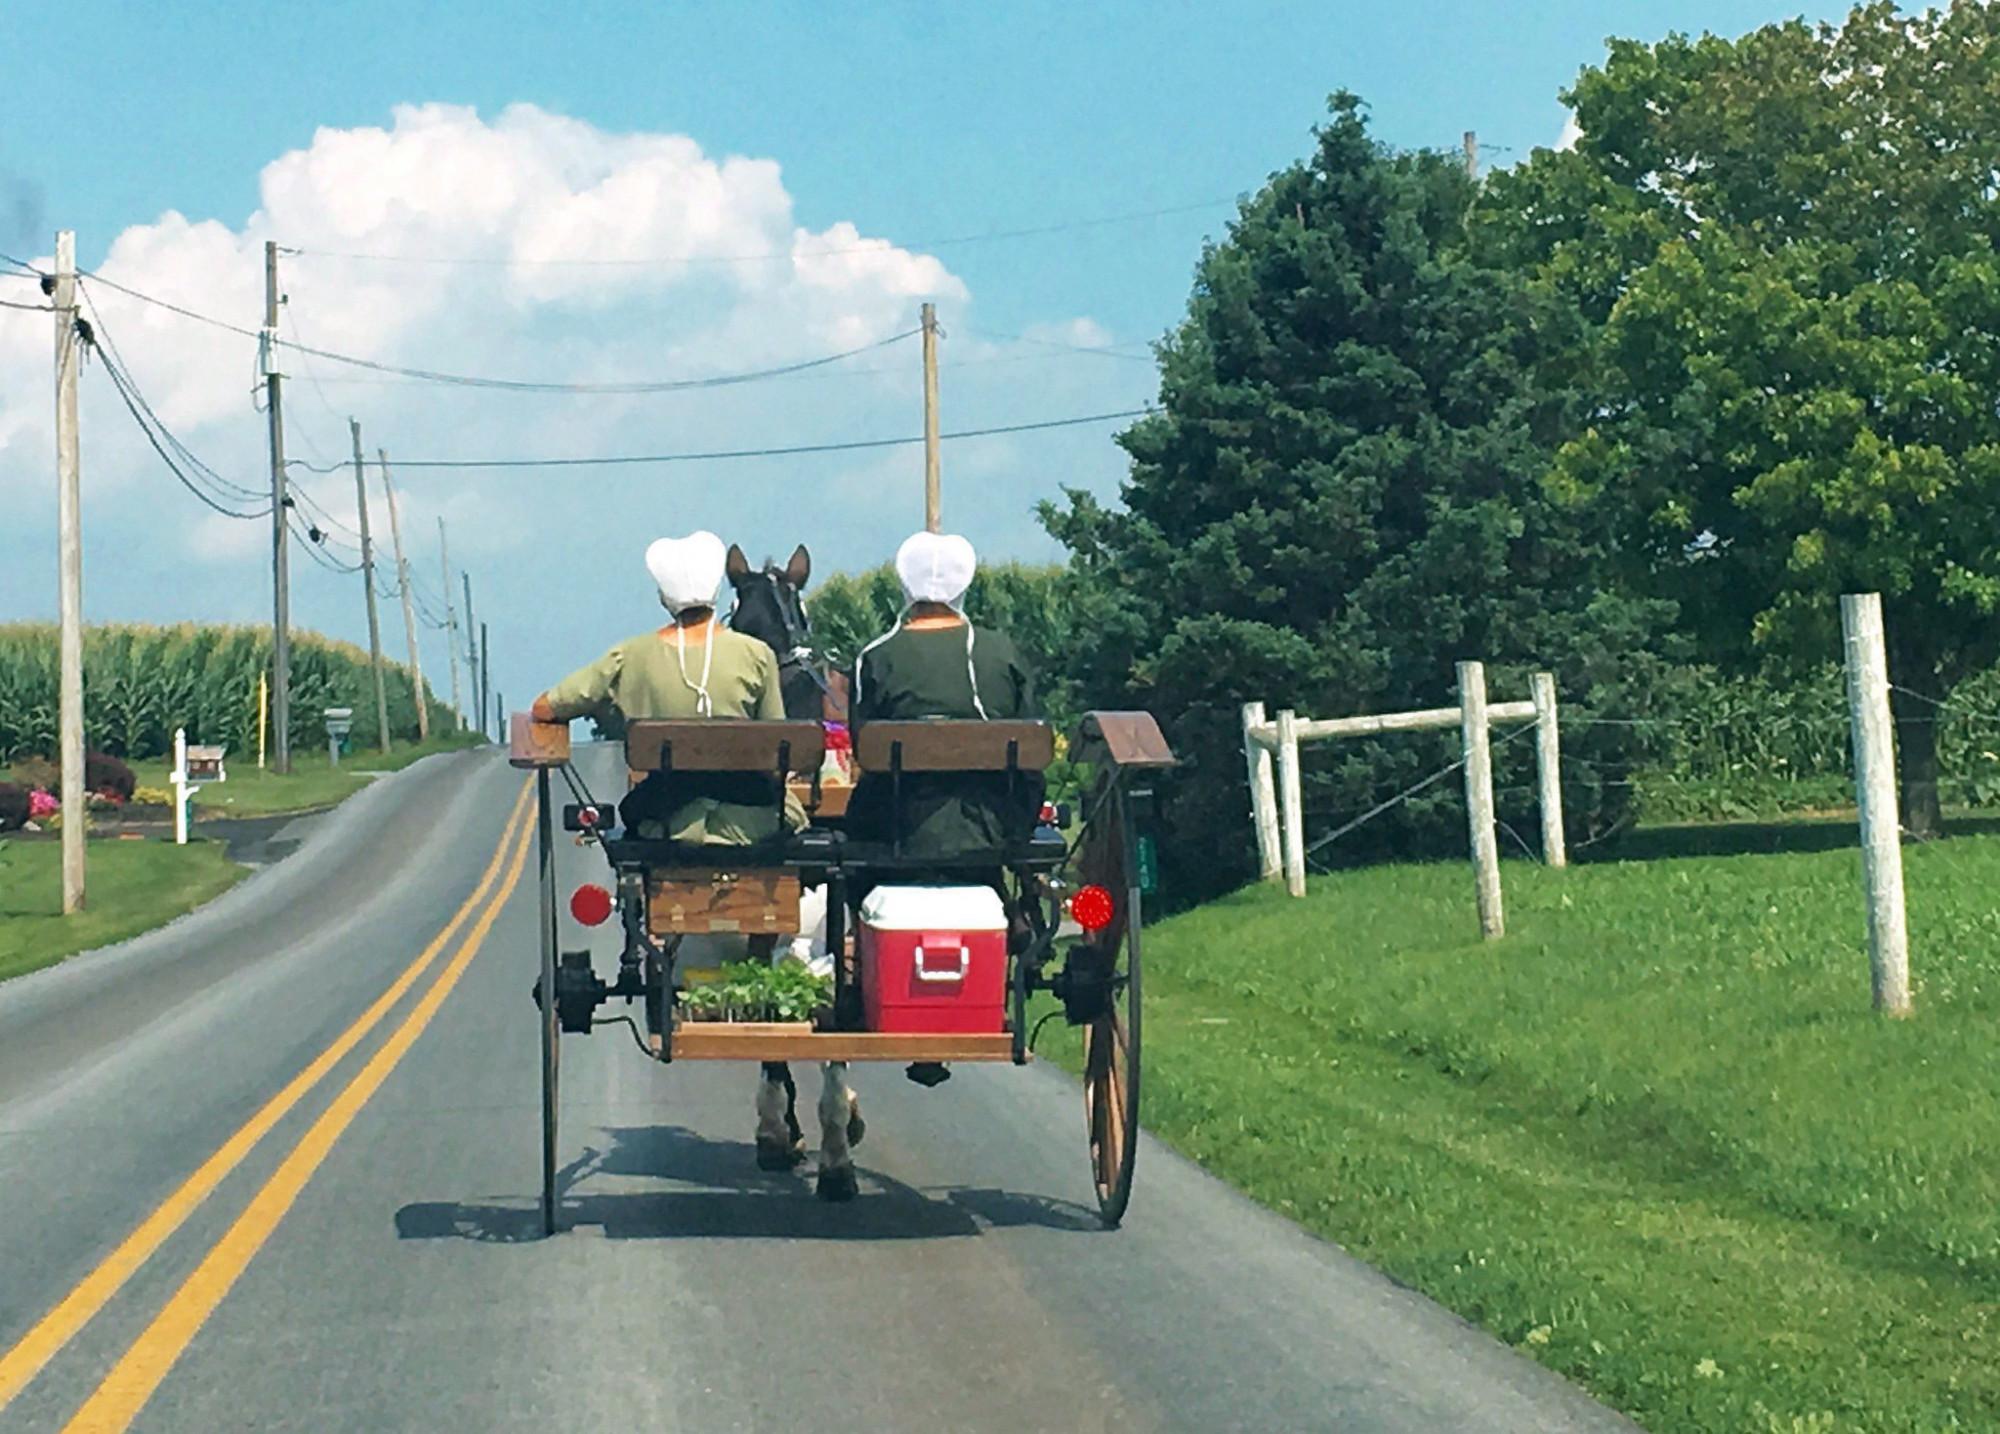 Người Amish cho rằng, họ đã đạt đến ngưỡng miễn dịch cộng đồng rồi. Và vì vậy, họ không cần phải tiêm vắc xin nữa - Ảnh: Alex Panetta